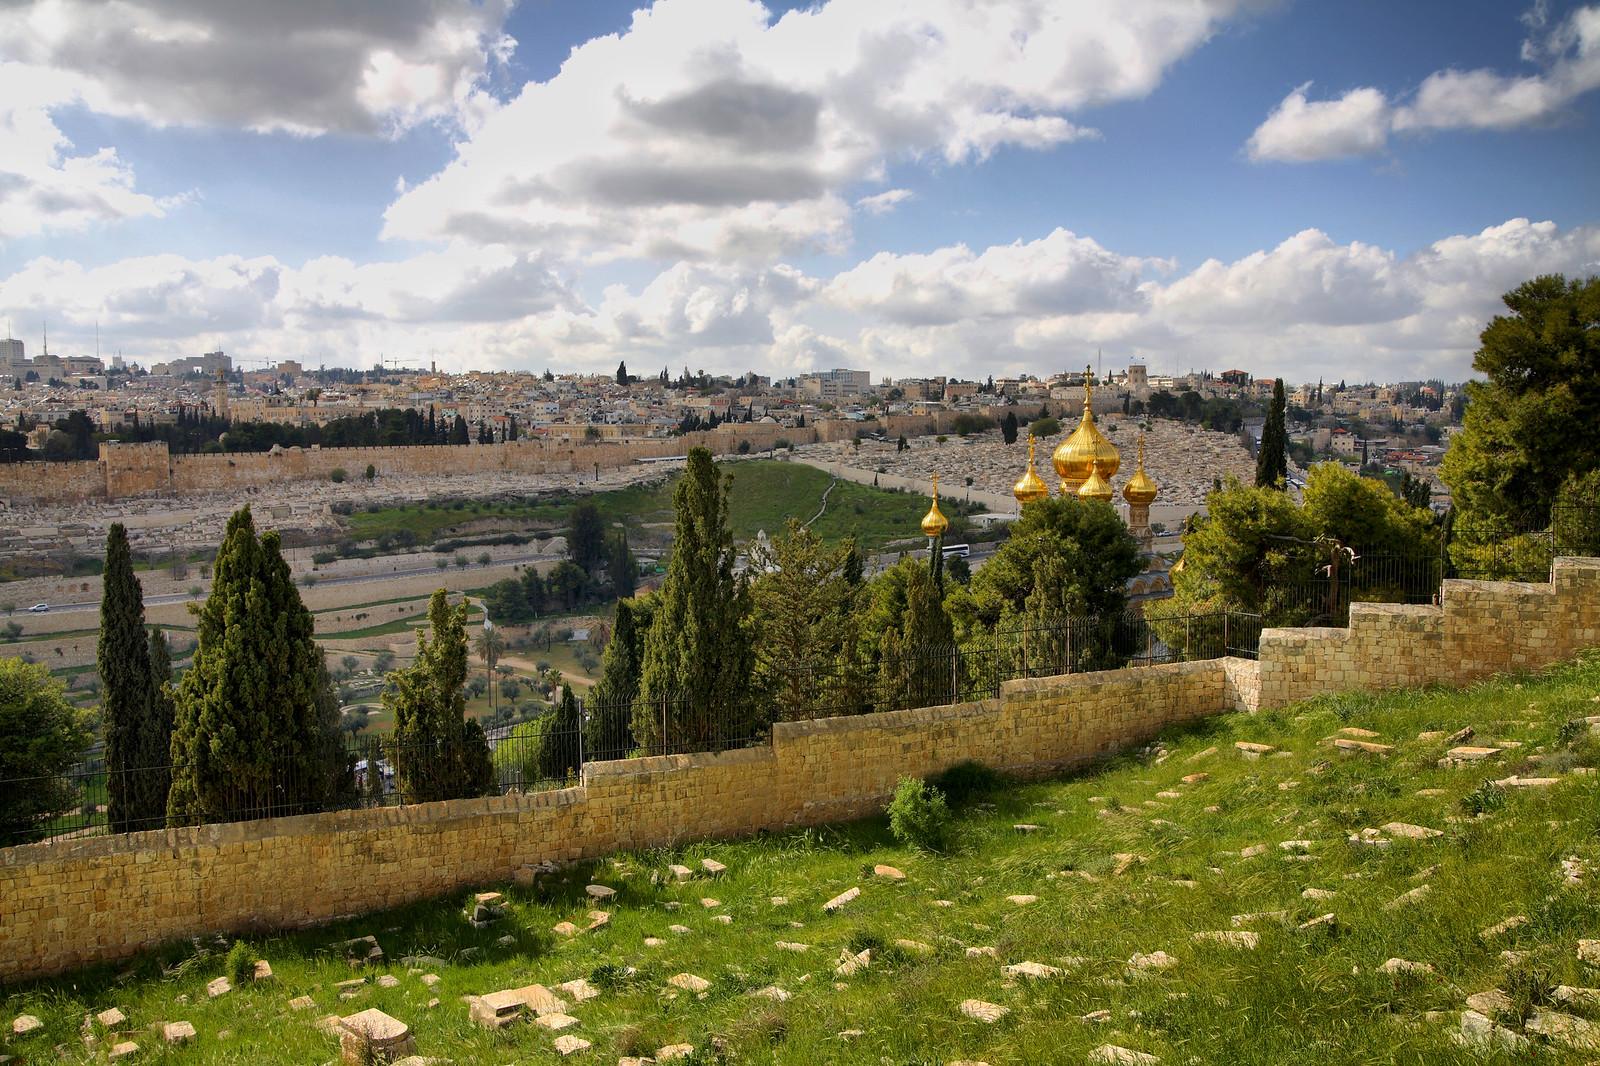 Jerusalem_Mt of Olives_3_Noam Chen_IMOT